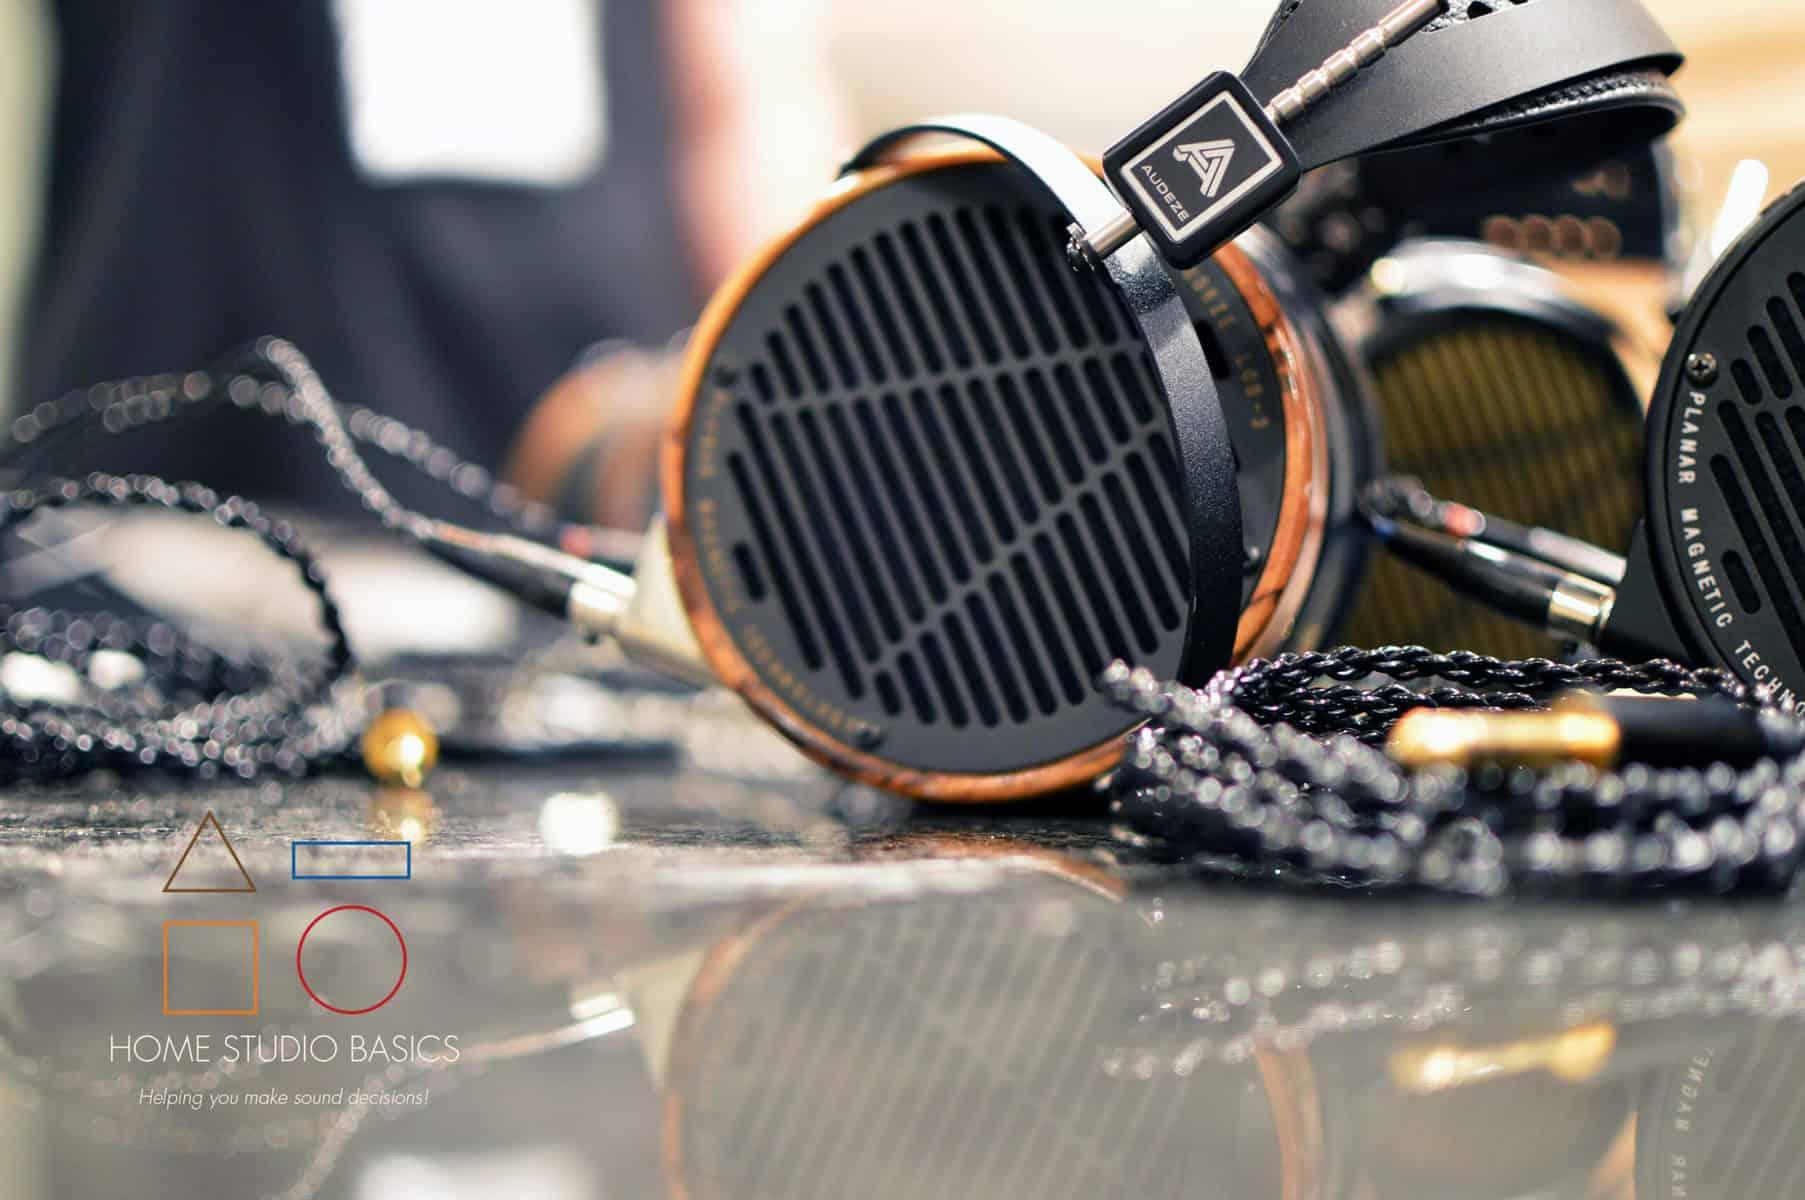 Are Audeze Headphones Worth It?